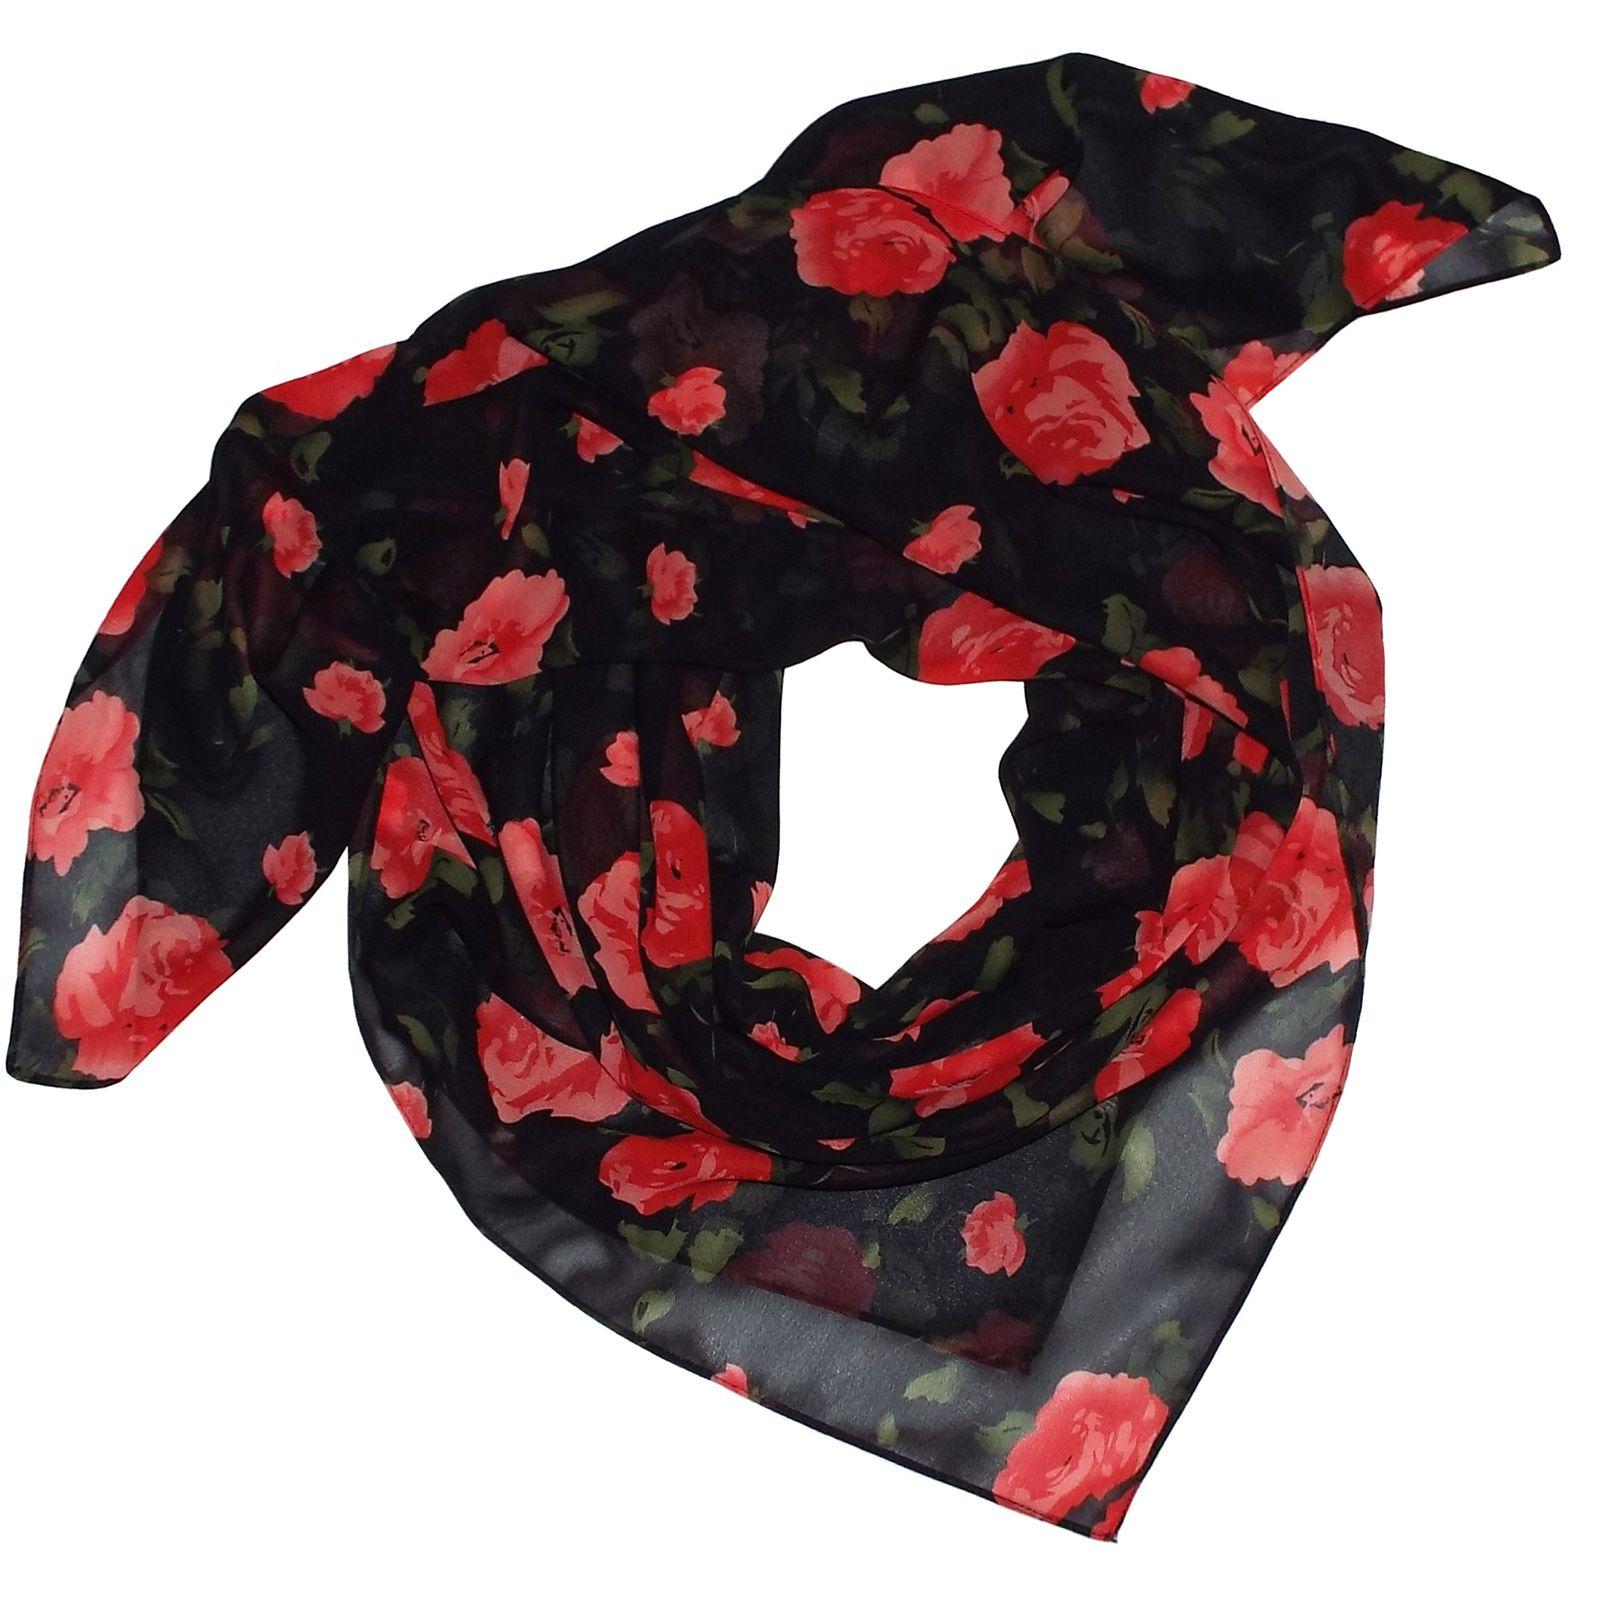 روسری زنانه تبسم کد 1011101 main 1 1